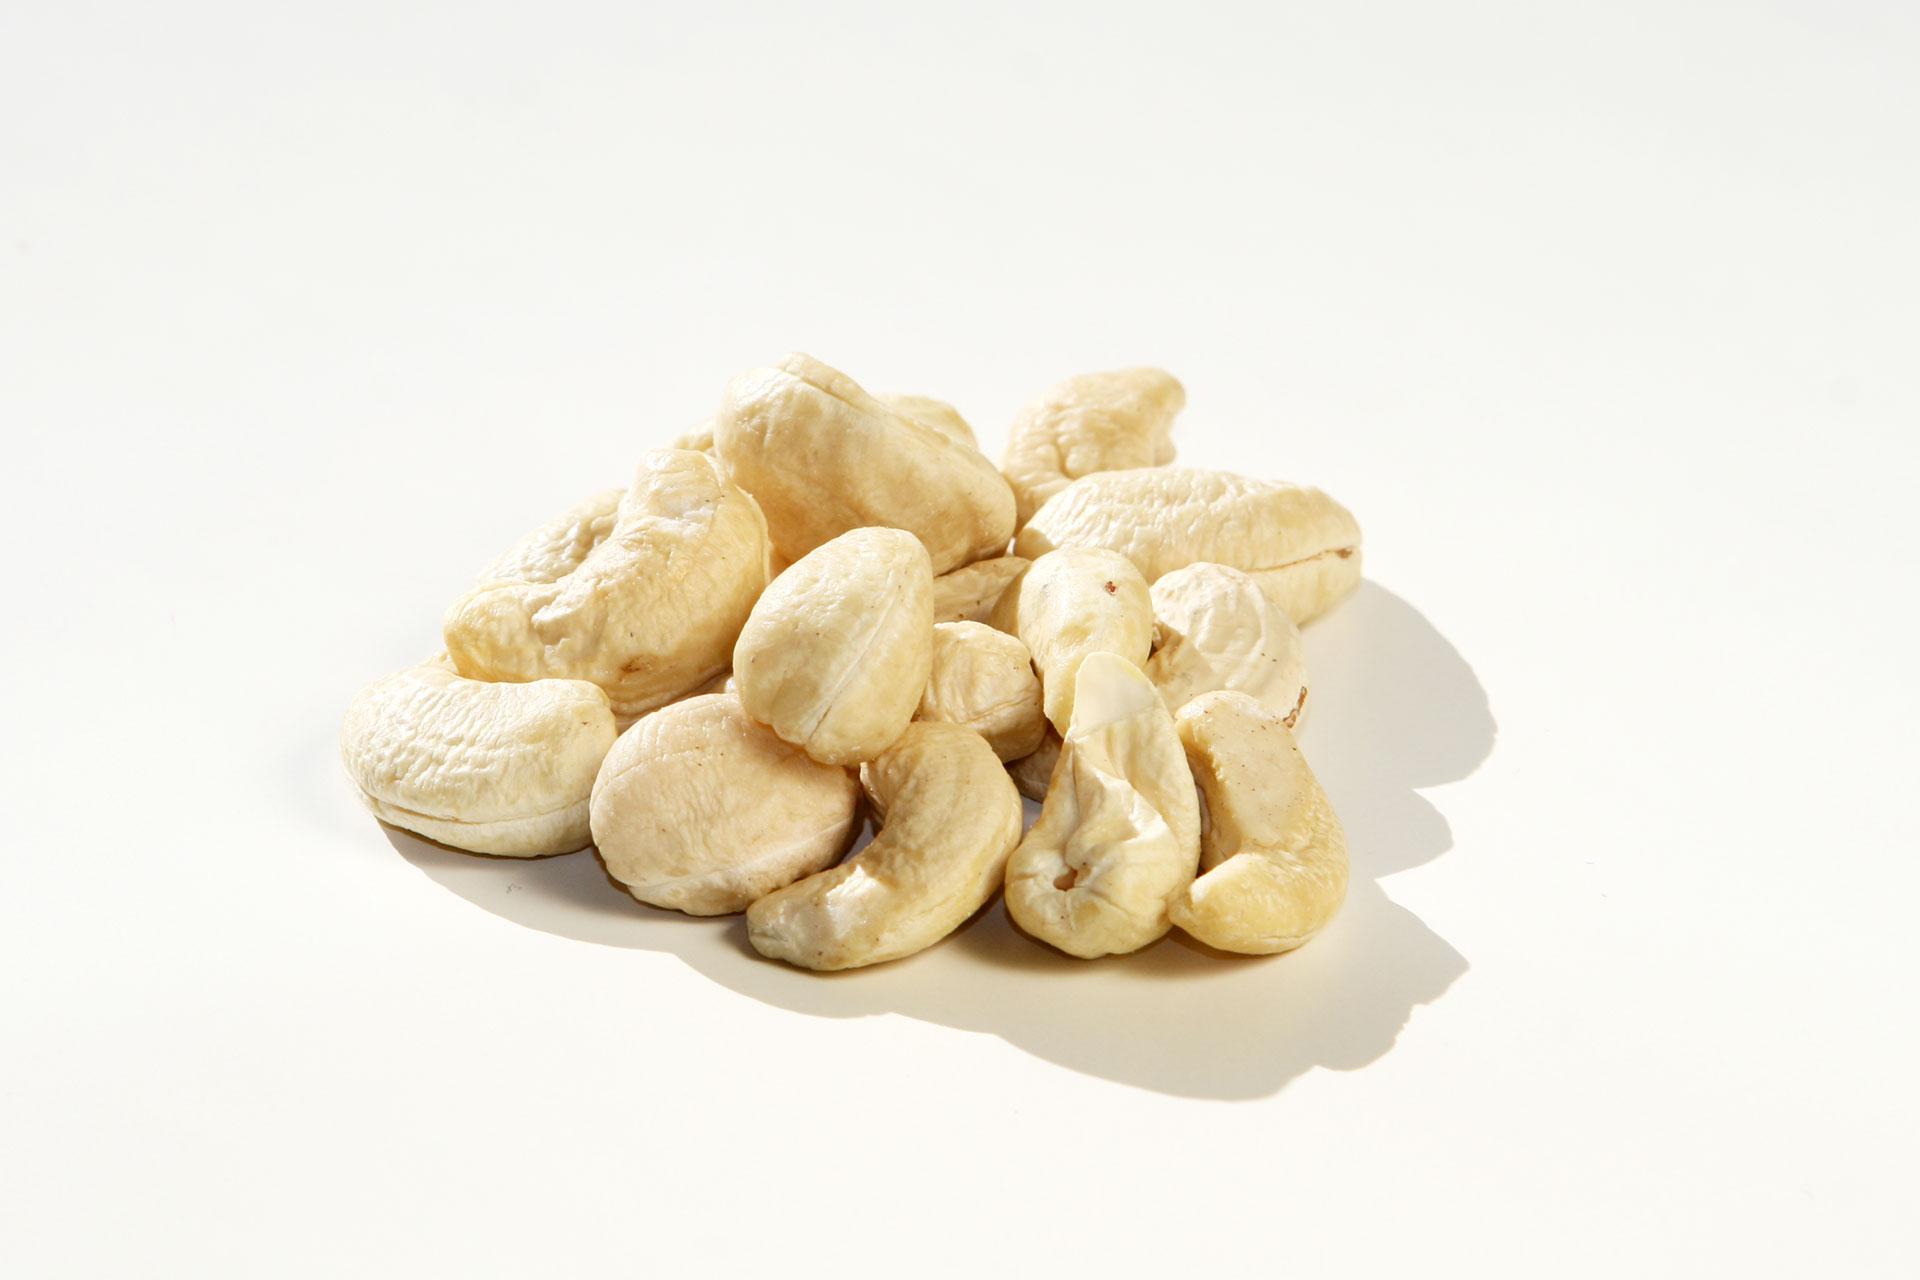 Jetzt gibt's was auf die Nüsse – Gesunde knackige Schnellmacher / Cashewnüsse © stefandrexl.de